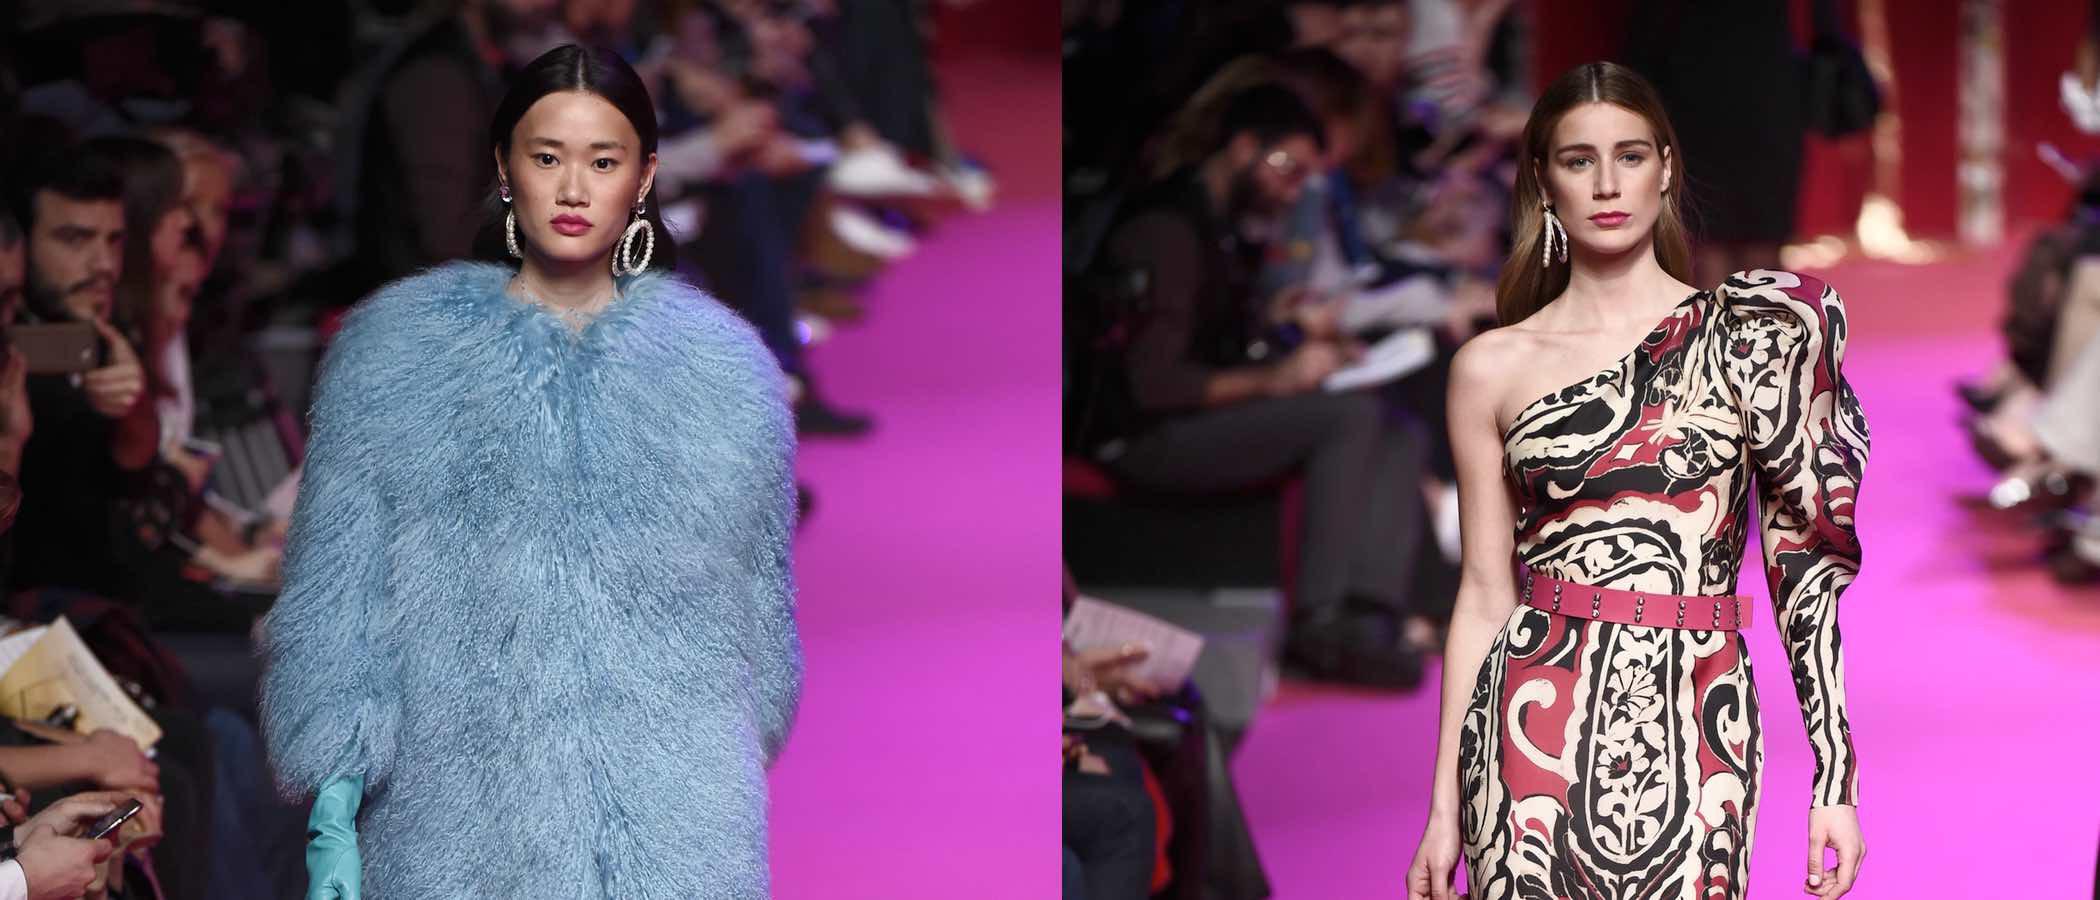 Jorge Vázquez conmemora a la serie 'Dynasty' en el desfile otoño/invierno 2018/2019 de la Madrid Fashion Week